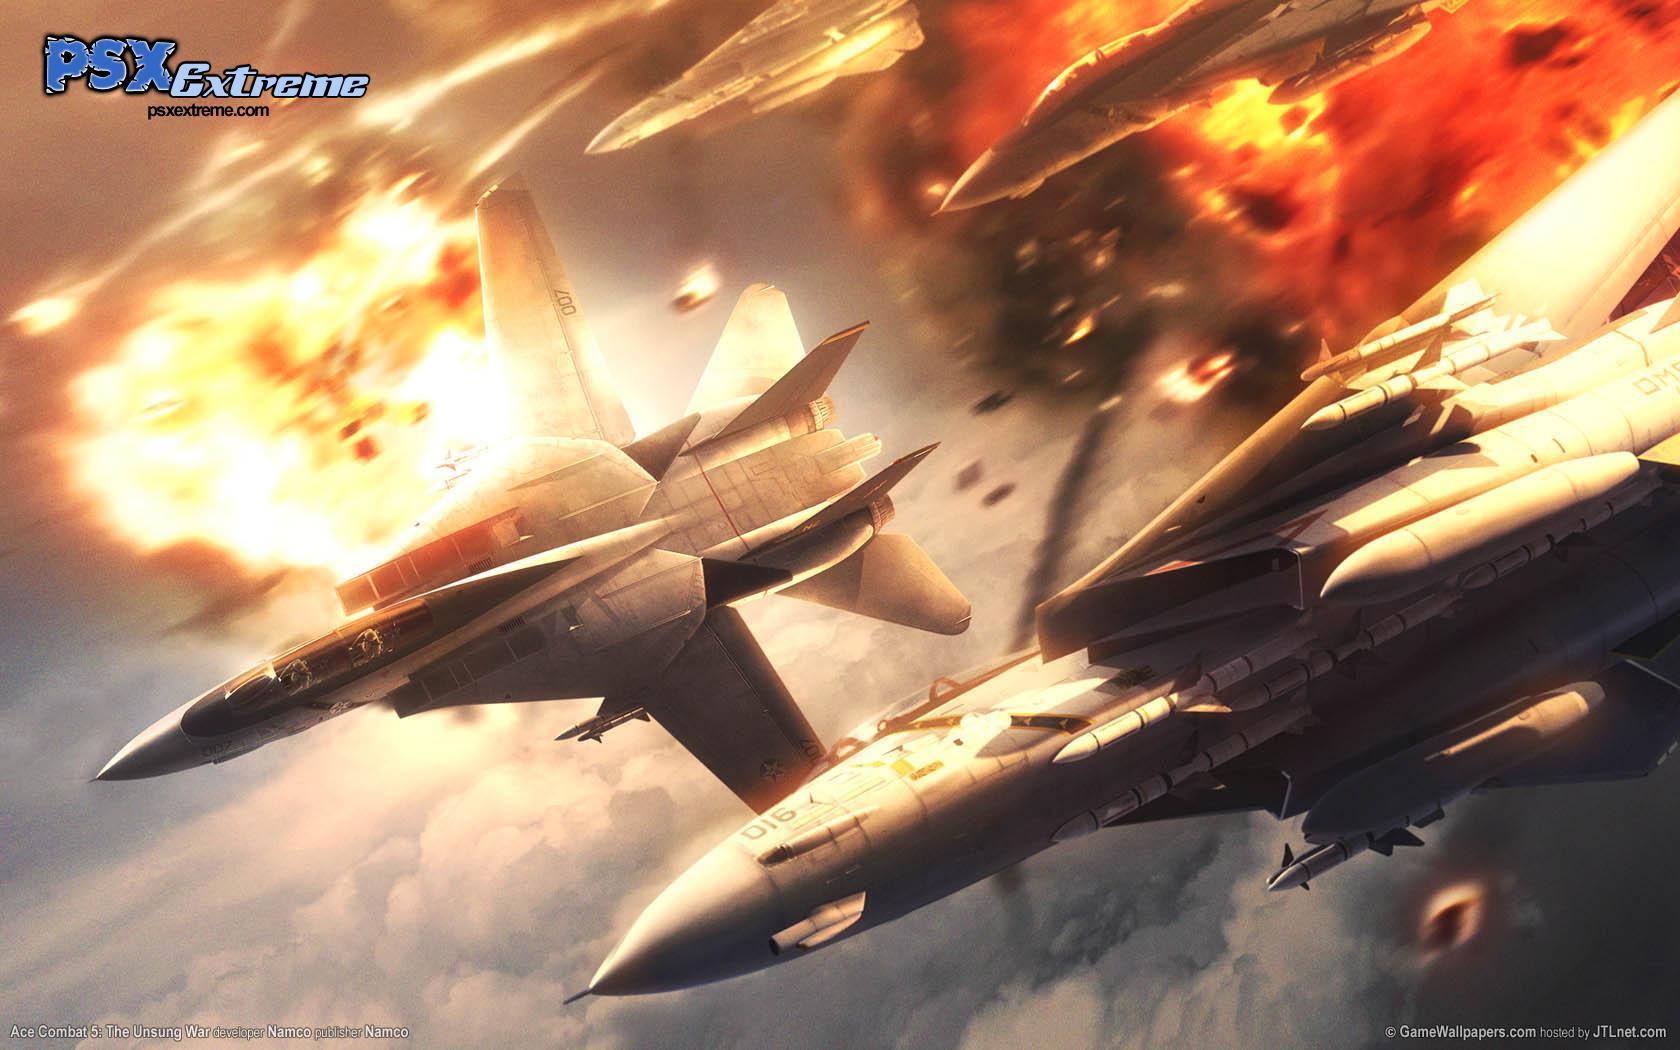 Ace Combat Wallpaper 1680x1050